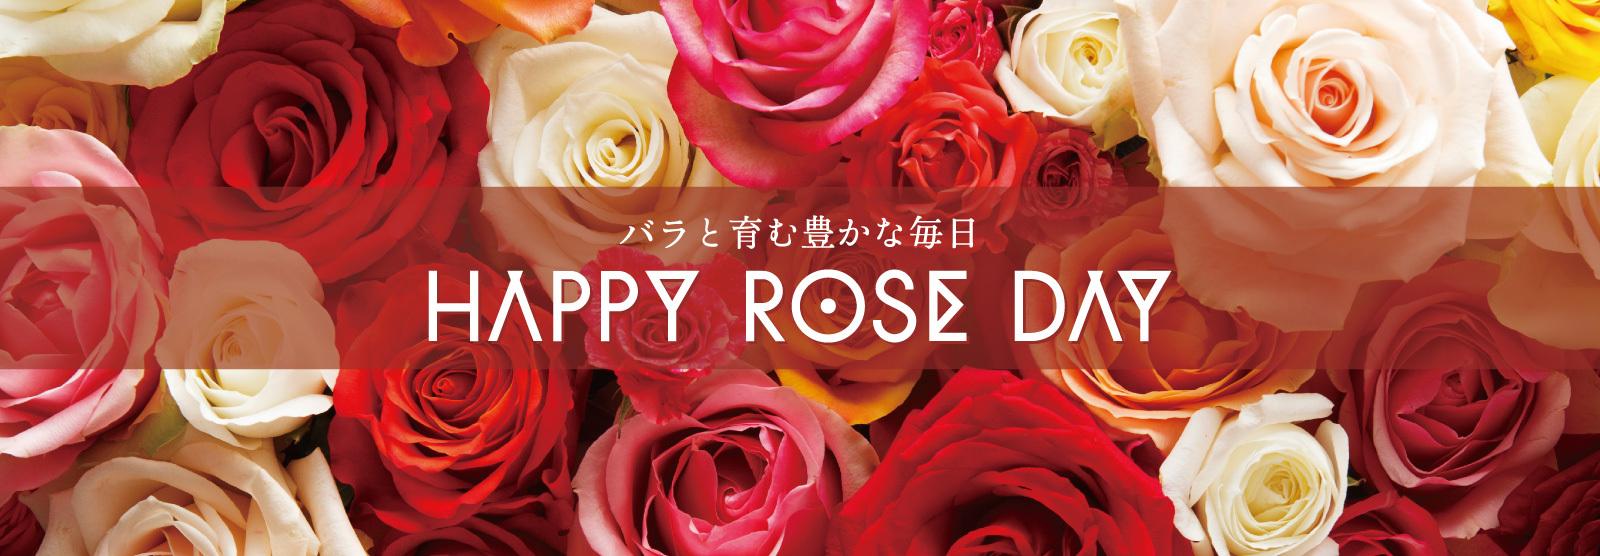 バラと育む豊かな毎日 HAPPY ROSE DAY